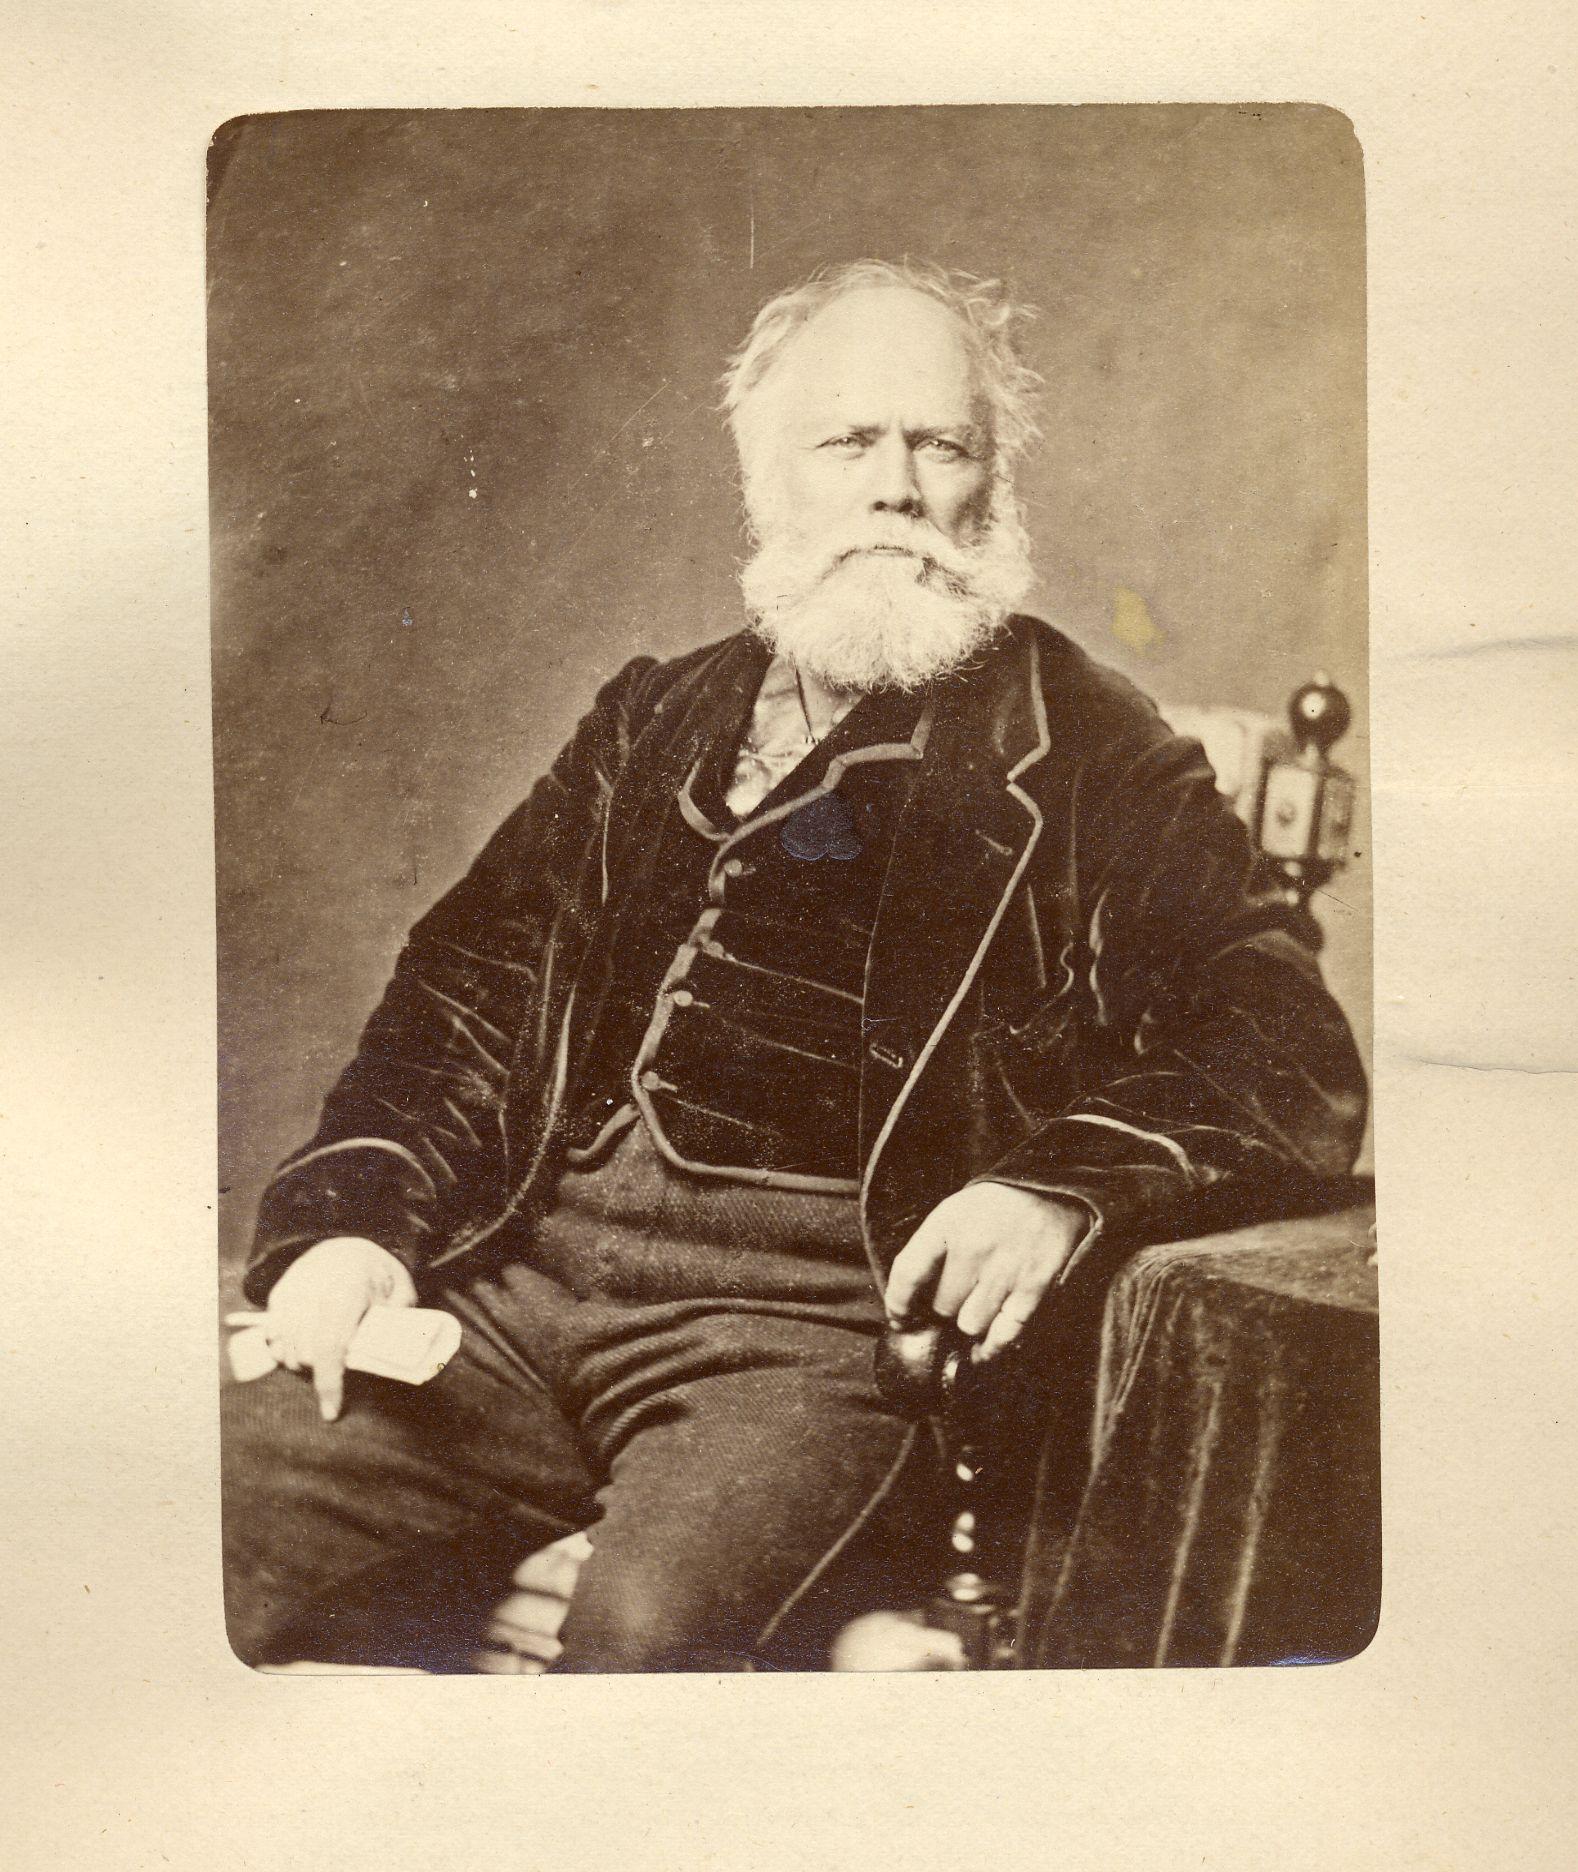 Photographie sépia d'un homme d'une soixantaine d'années assis sur une chaise. L'homme a les cheveux blancs, son front est dégarni. Il porte une barbe blanche fournie de longueur moyenne. Il est vêtu d'une veste et d'un gilet de velours foncé et d'un pantalon fabriqué dans un matériau plus léger. Un de ses bras est appuyé sur une table nappée de velours.